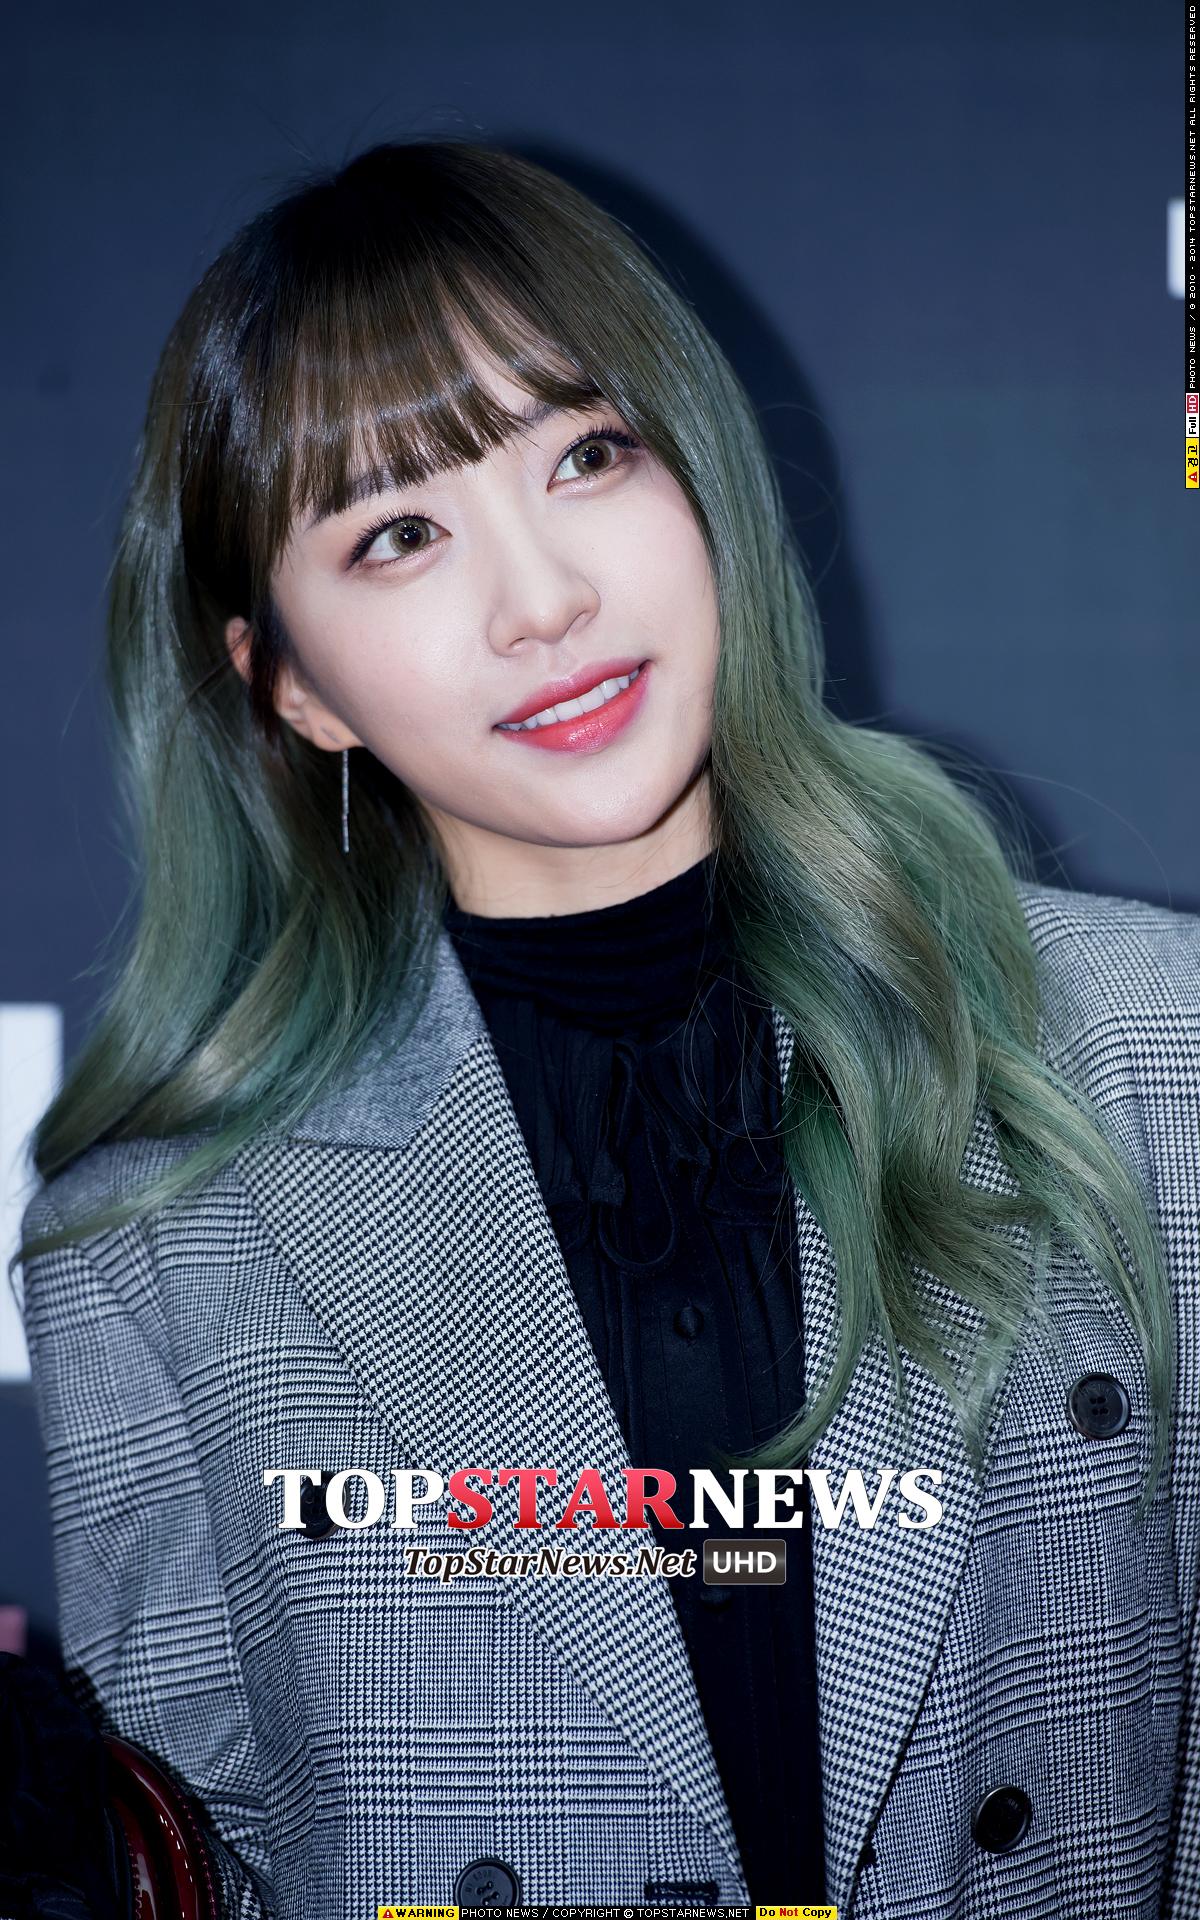 大家都知道韓星儘管很喜歡燙染頭髮,但卻依舊可以柔順閃亮, 但你一定會說:「因為她們是藝人,能常上髮廊啊!」 其實不用花大錢,只要注意下面的這6條細節,在家也能讓頭髮維持柔亮!